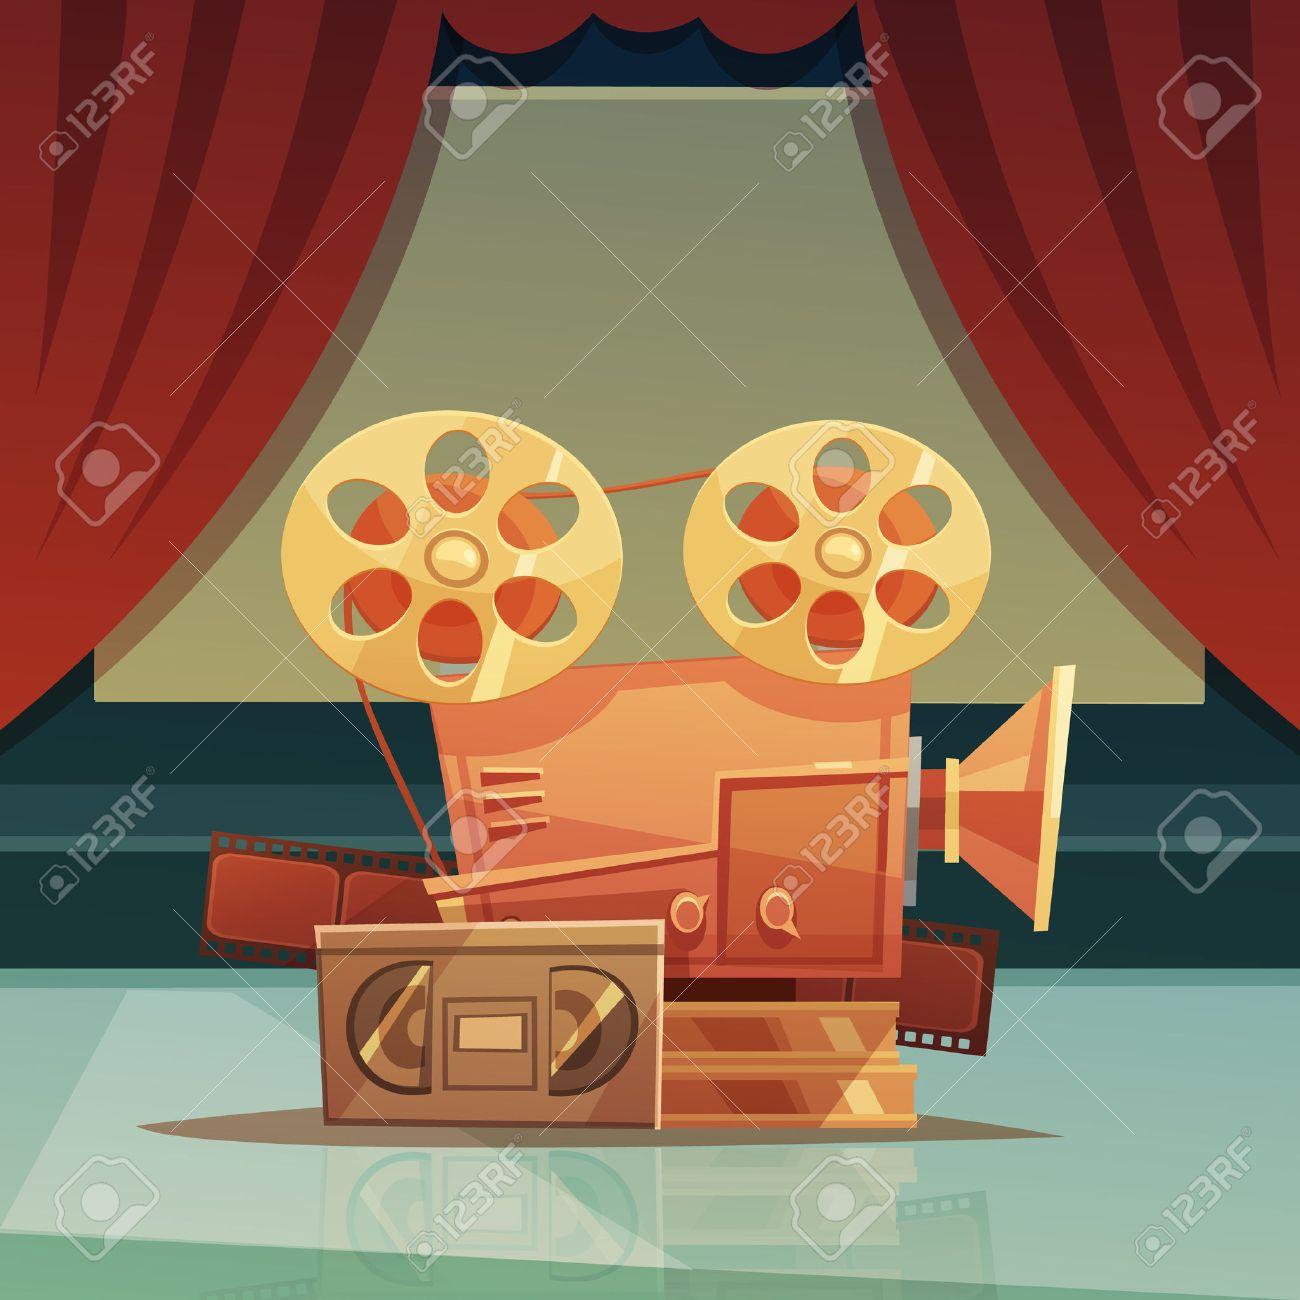 Vettoriale sfondo cinema retrò cartone animato con la tenda rossa